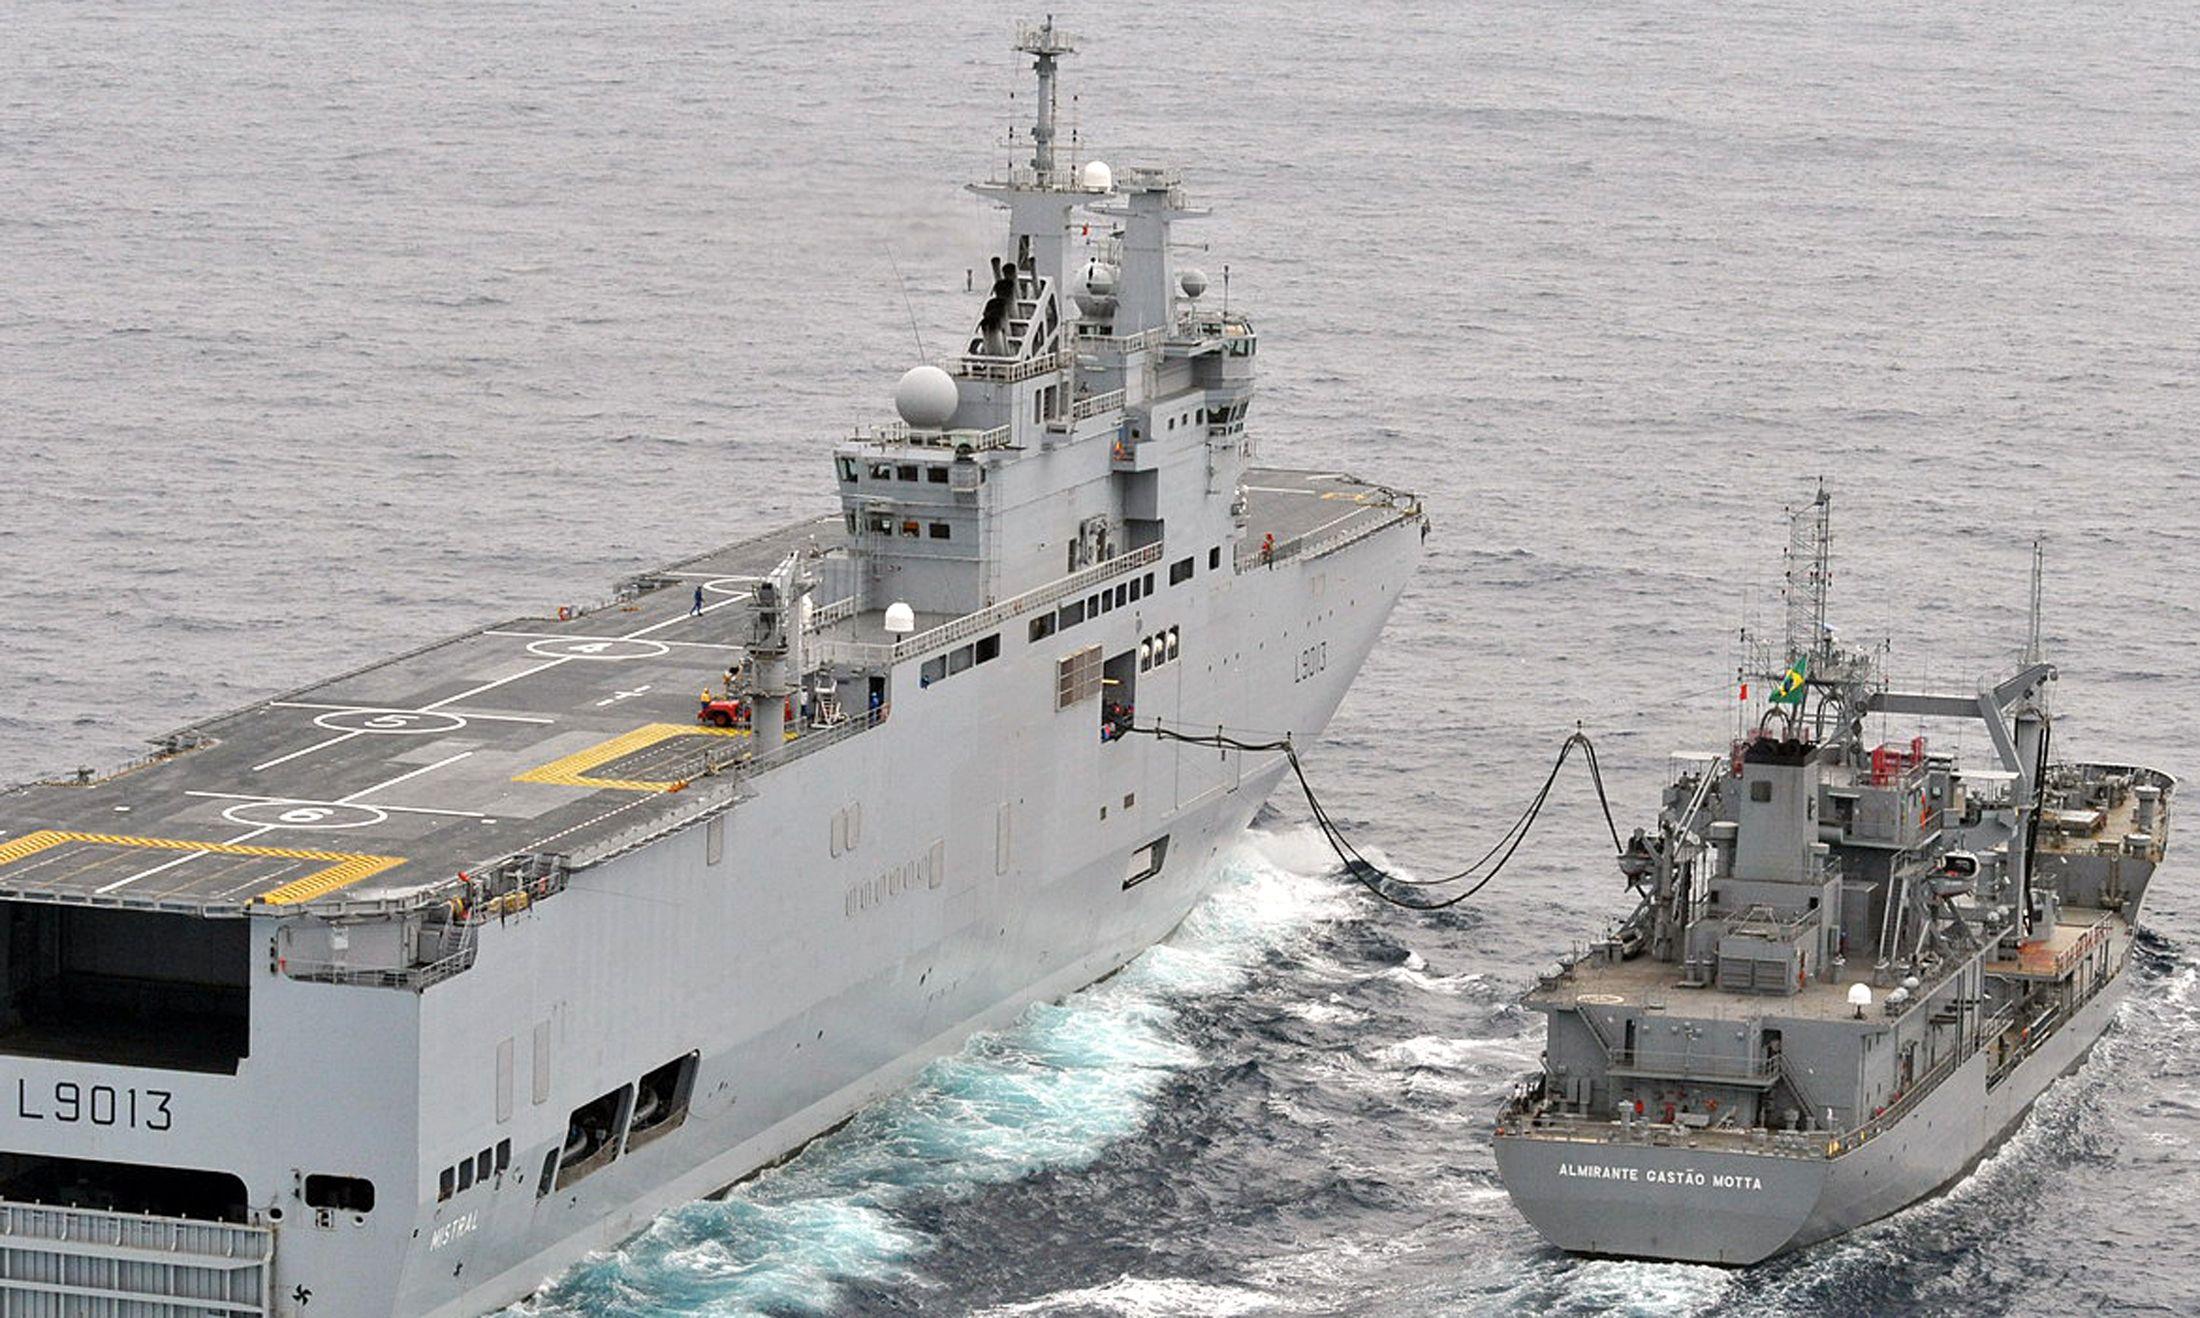 Lundi, le Premier ministre britannique David Cameron demandait à la France de rompre son contrat relatif à la livraison de deux porte-hélicoptères Mistral à la Russie.